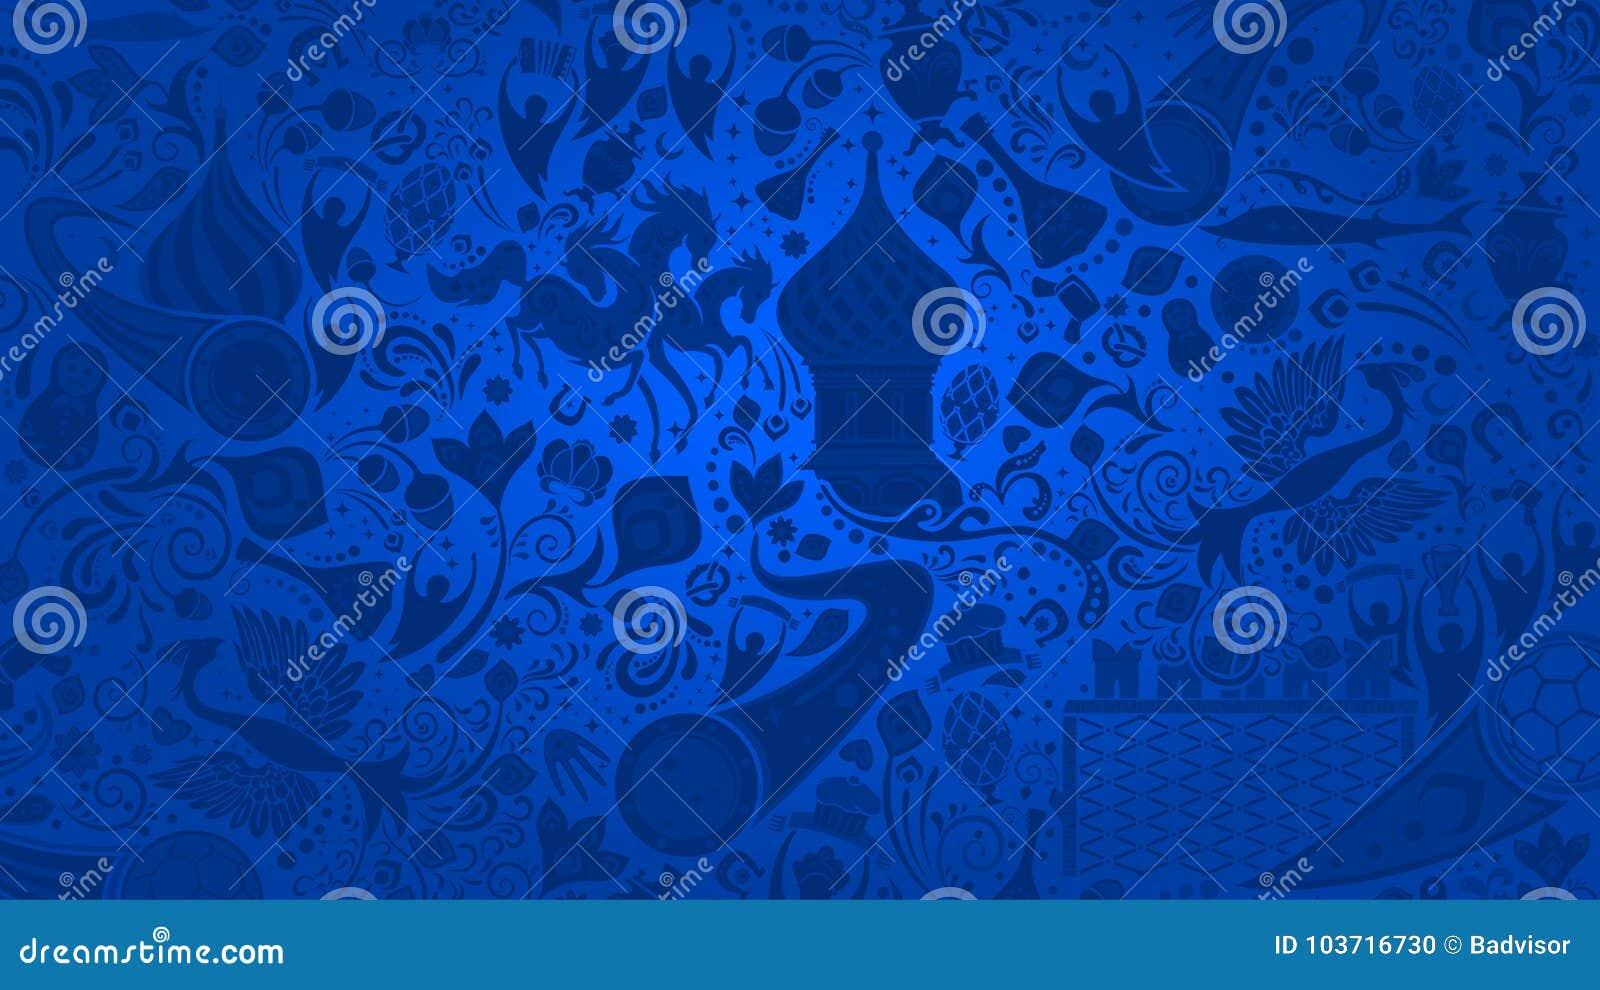 Russian Red Wallpaper Vector Illustration Stock Vector